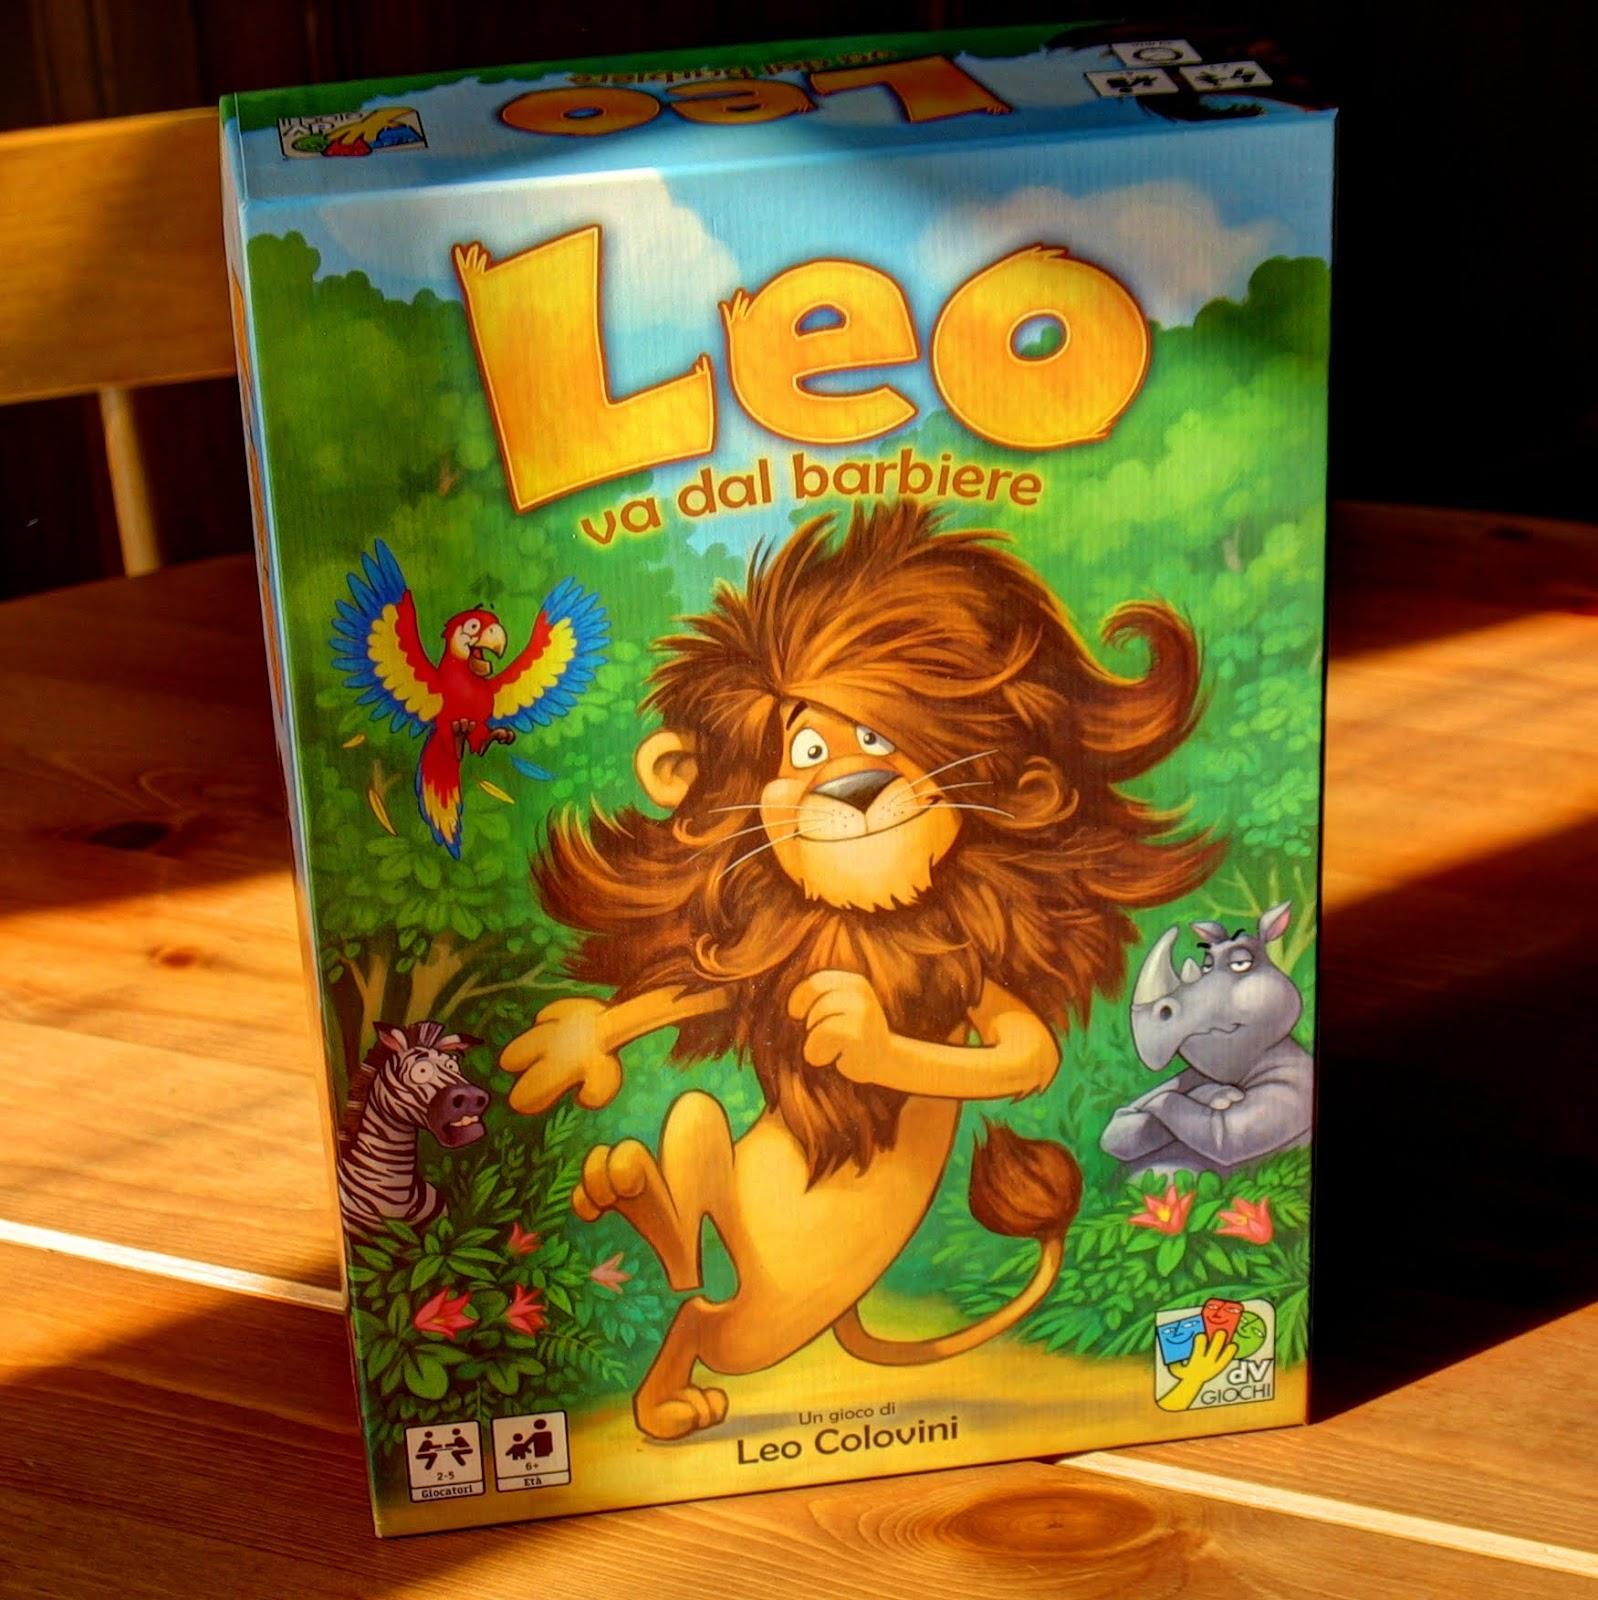 In questa partita siamo stati fortunati ed al secondo turno siamo riusciti a portare Leo dal barbiere